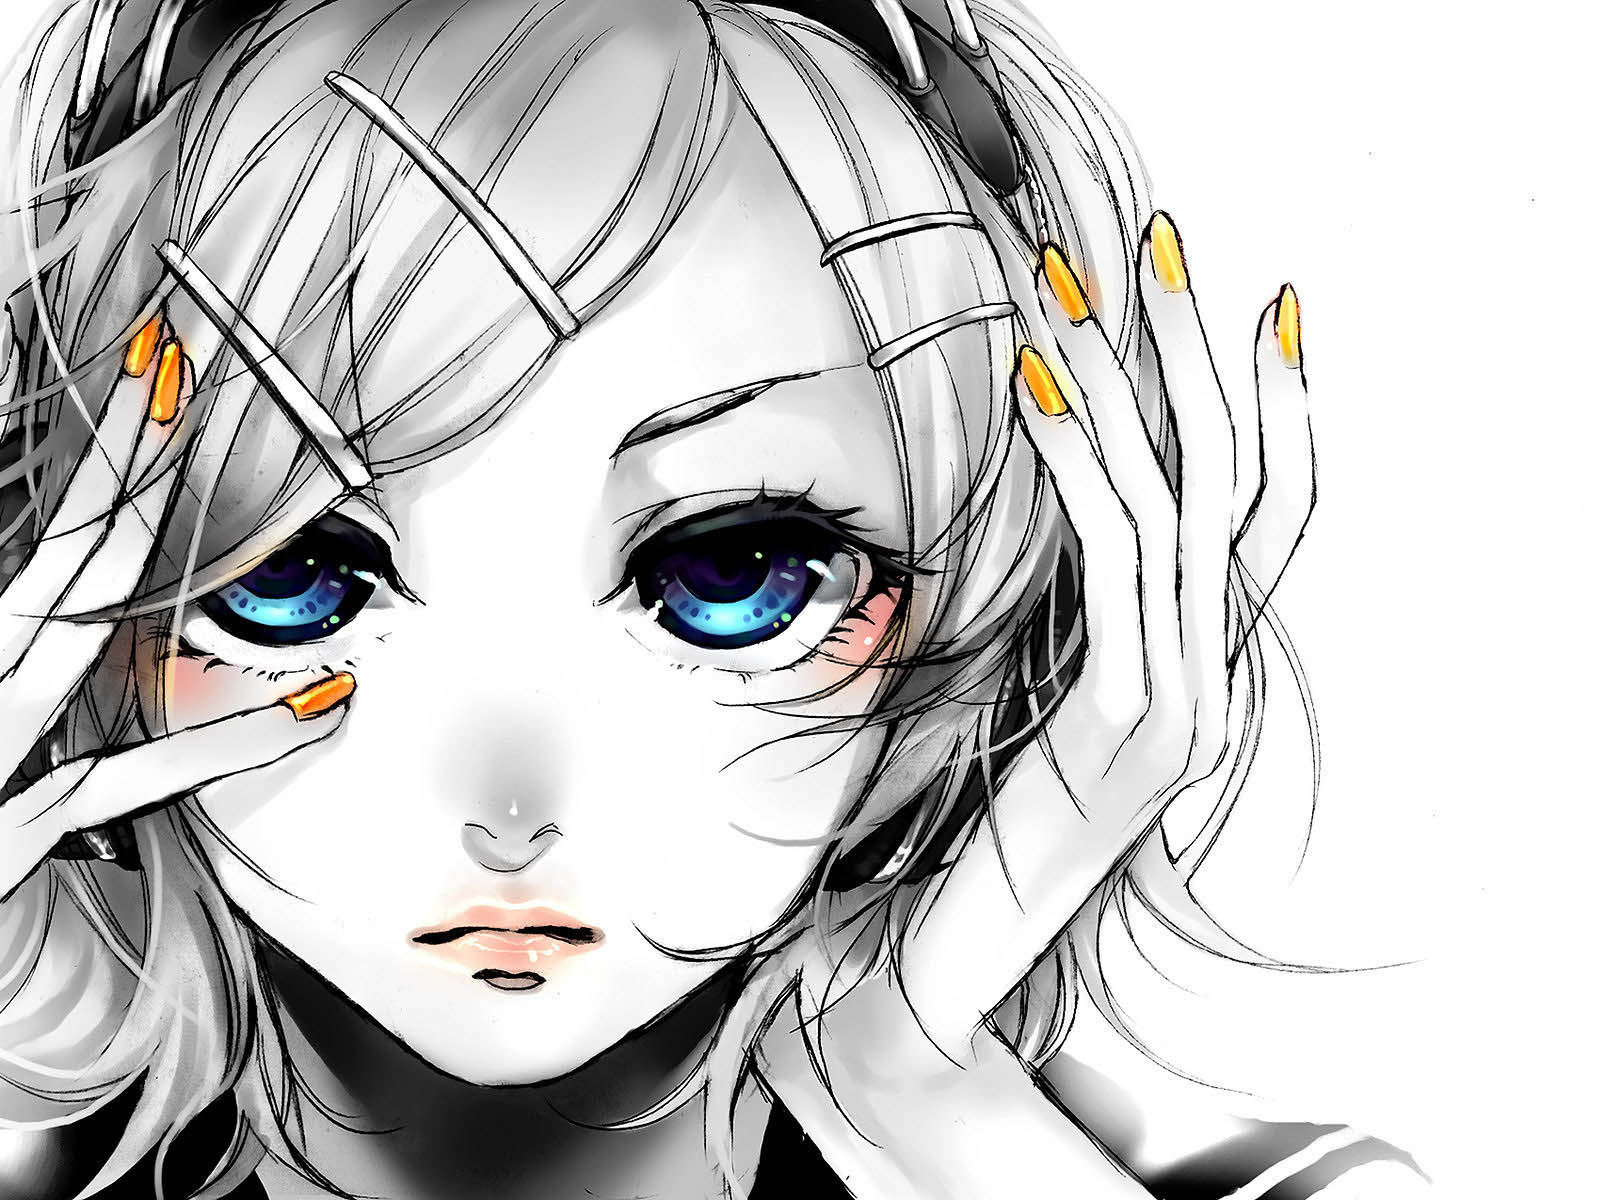 girl profile Anime face